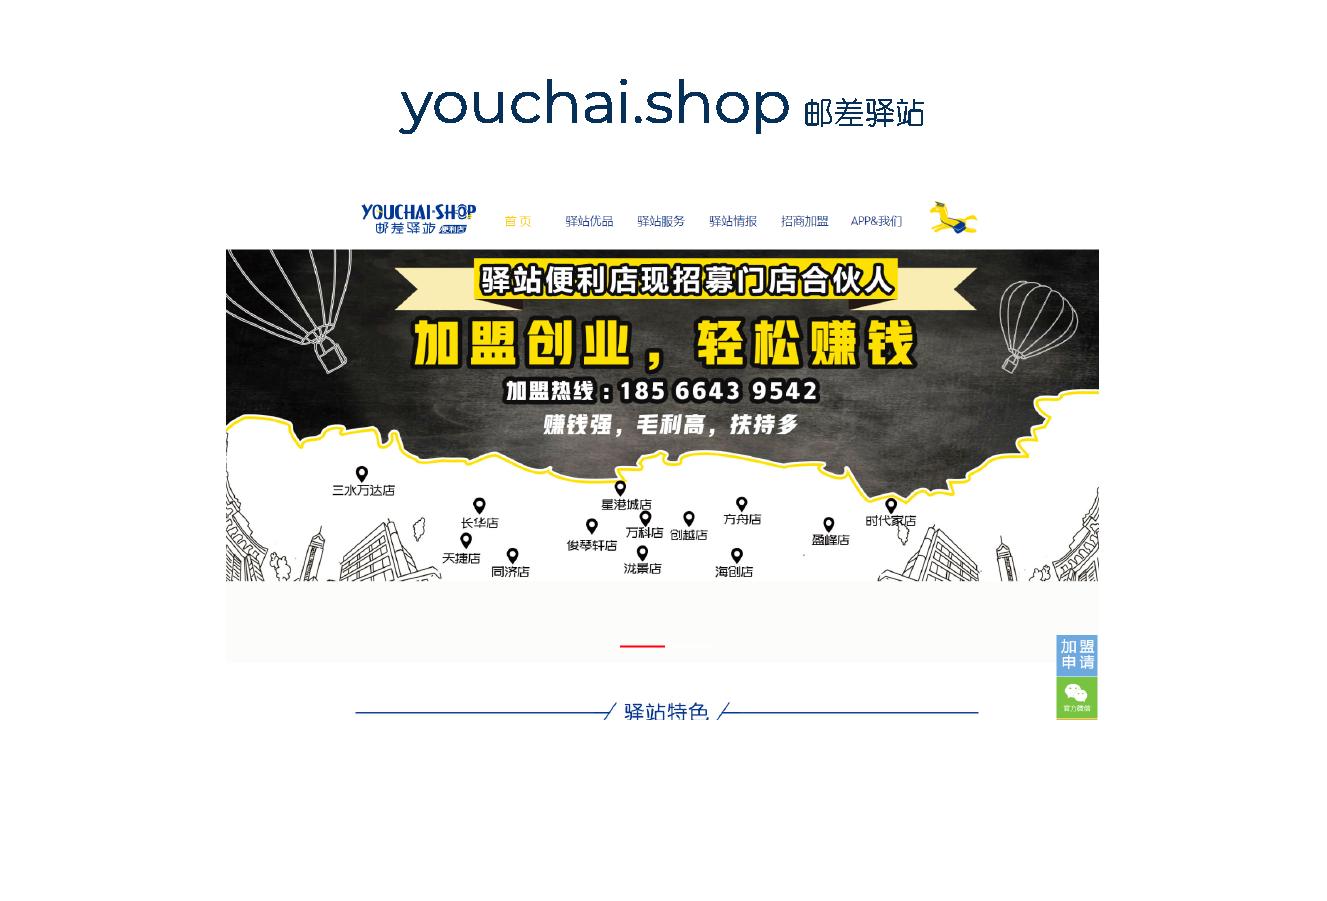 youchai.shop